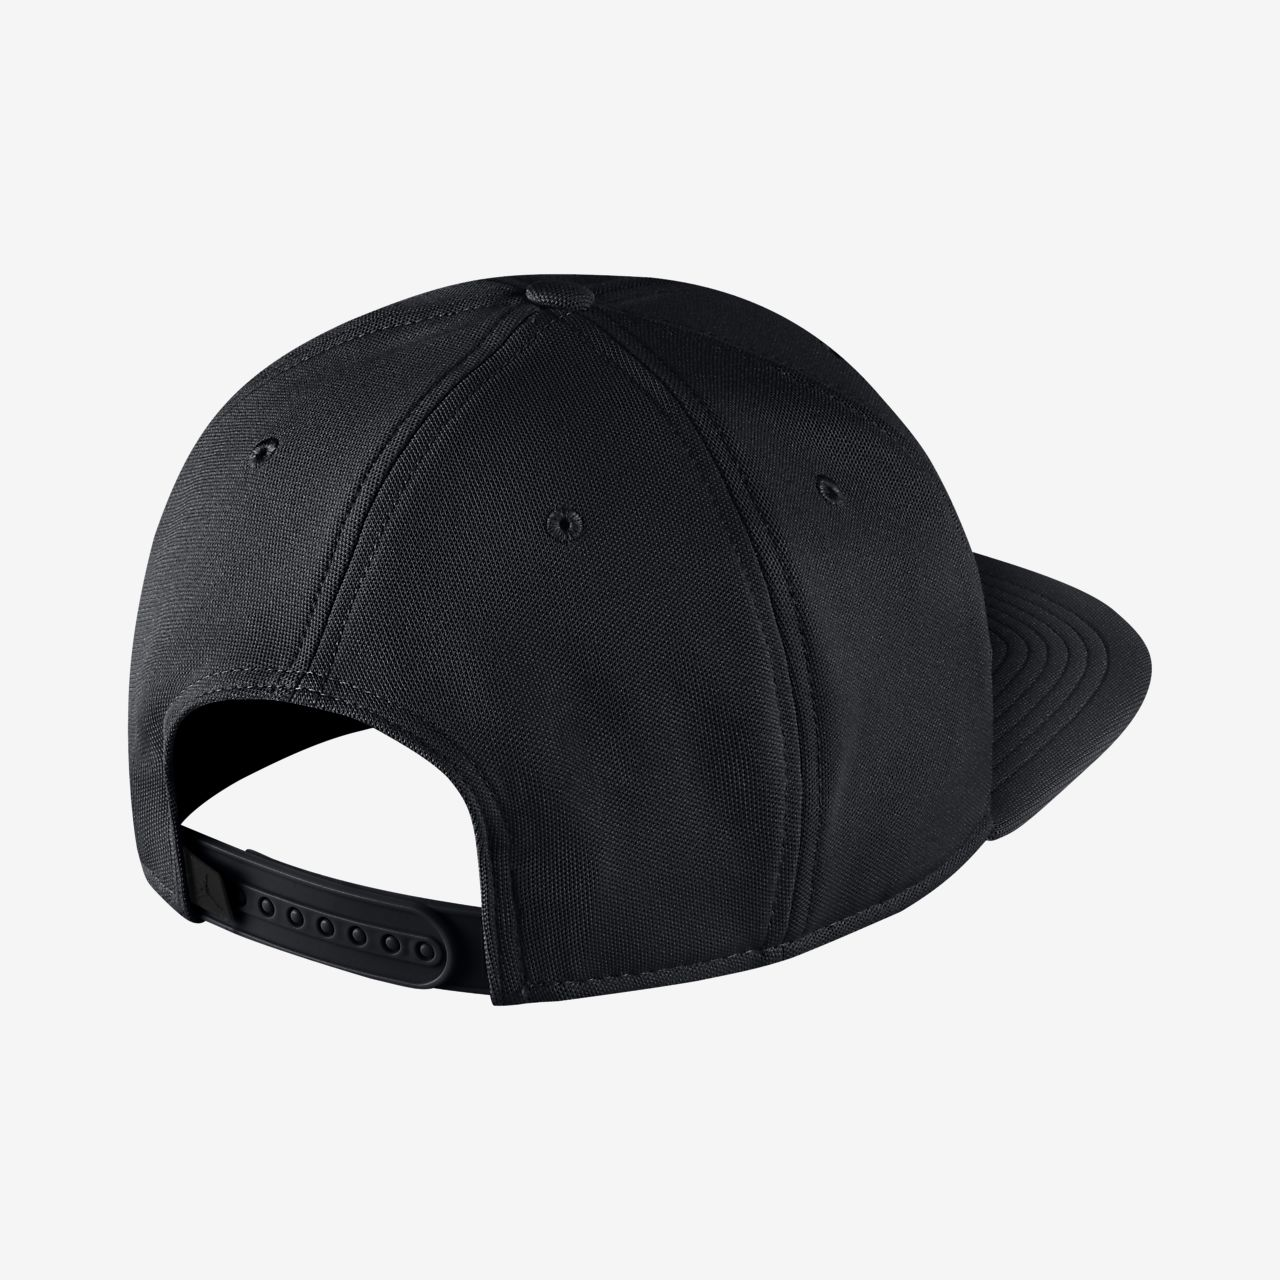 968d1b04440 Low Resolution Jordan Jumpman Snapback Adjustable Hat Jordan Jumpman  Snapback Adjustable Hat